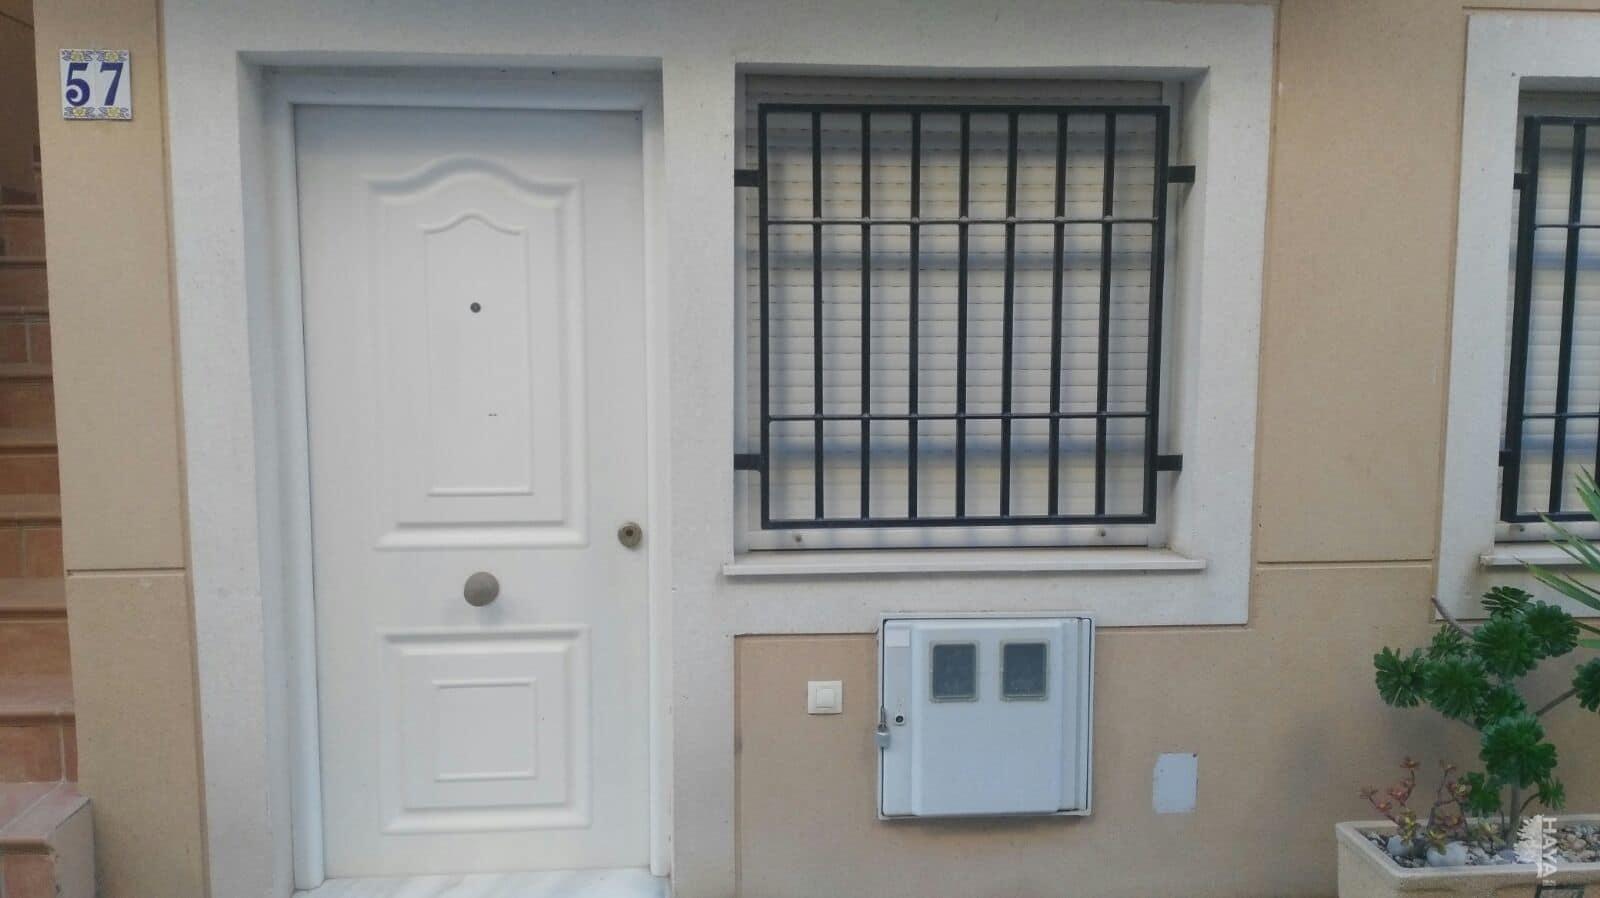 Piso en venta en Palomares, Cuevas del Almanzora, Almería, Calle El Secano, 80.400 €, 2 habitaciones, 1 baño, 62 m2